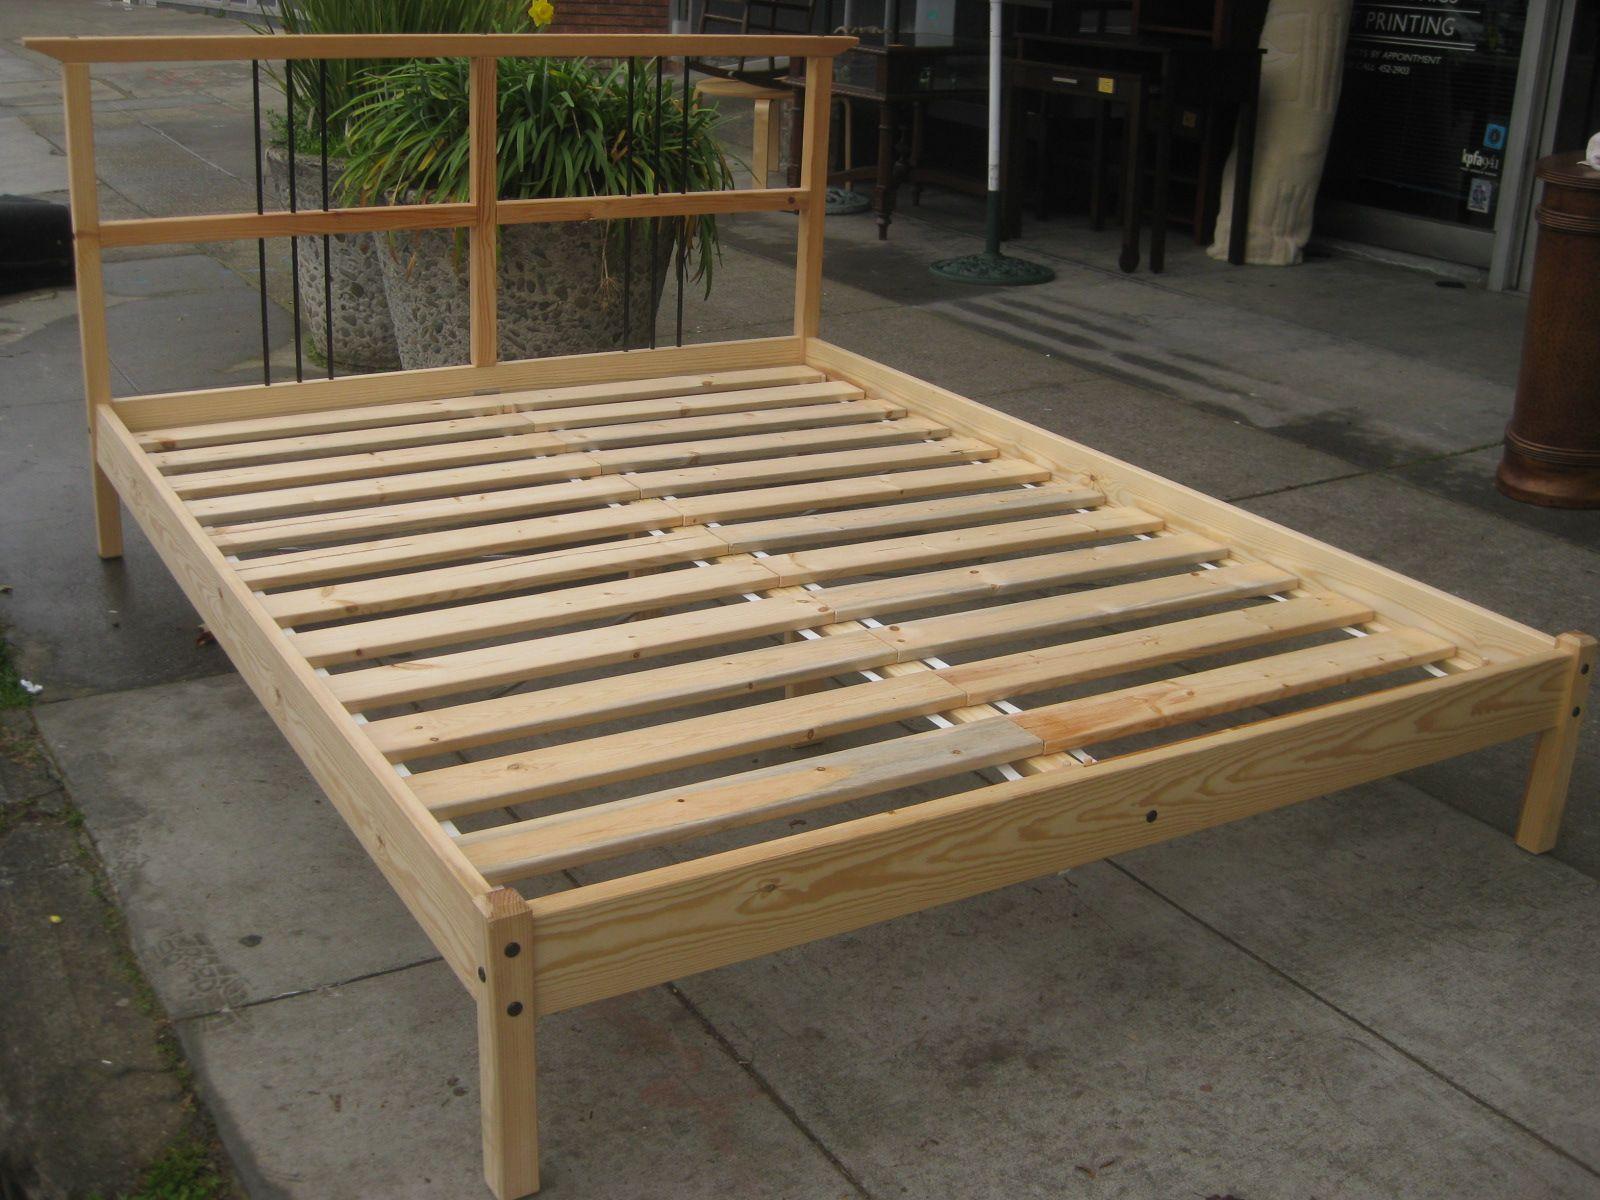 Box Springs vs. Platform Beds Diy platform bed frame